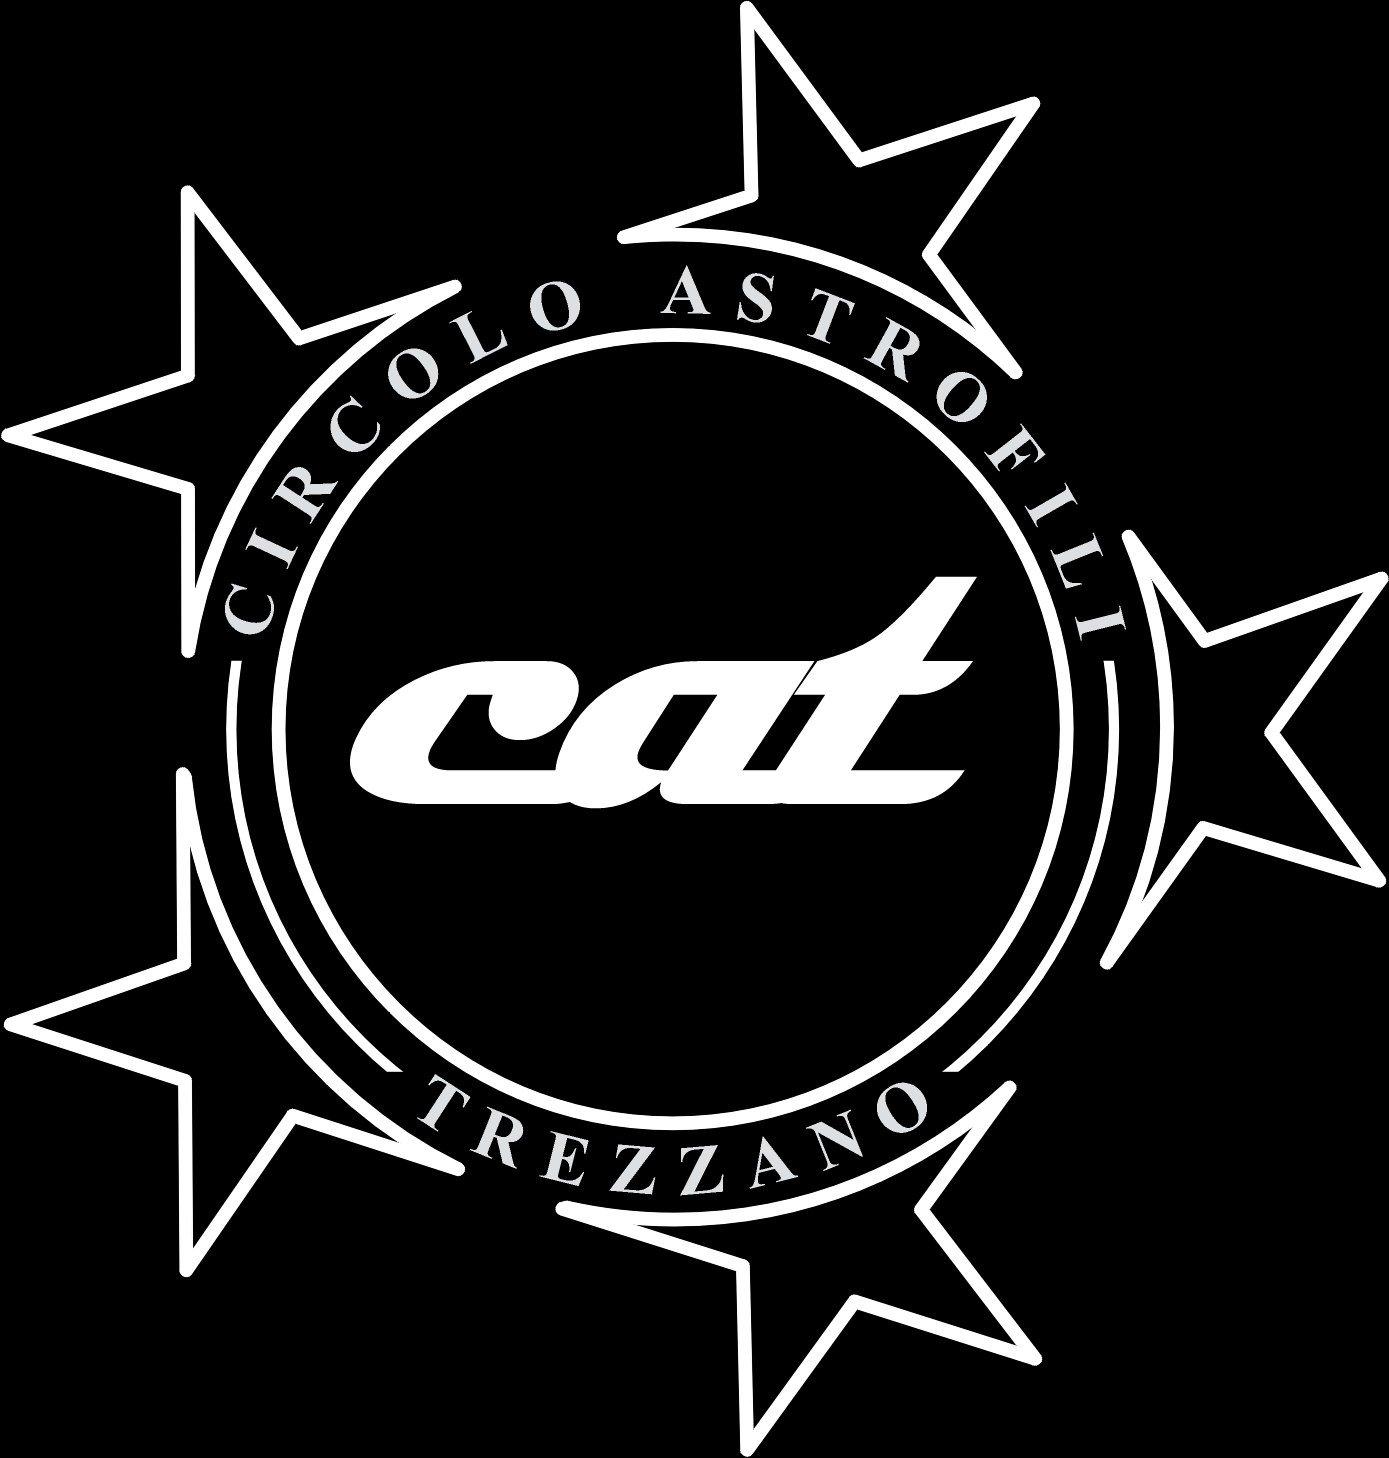 """Astronomia, i """"Cosmonauti perduti"""" al Cat di Trezzano sul Naviglio"""